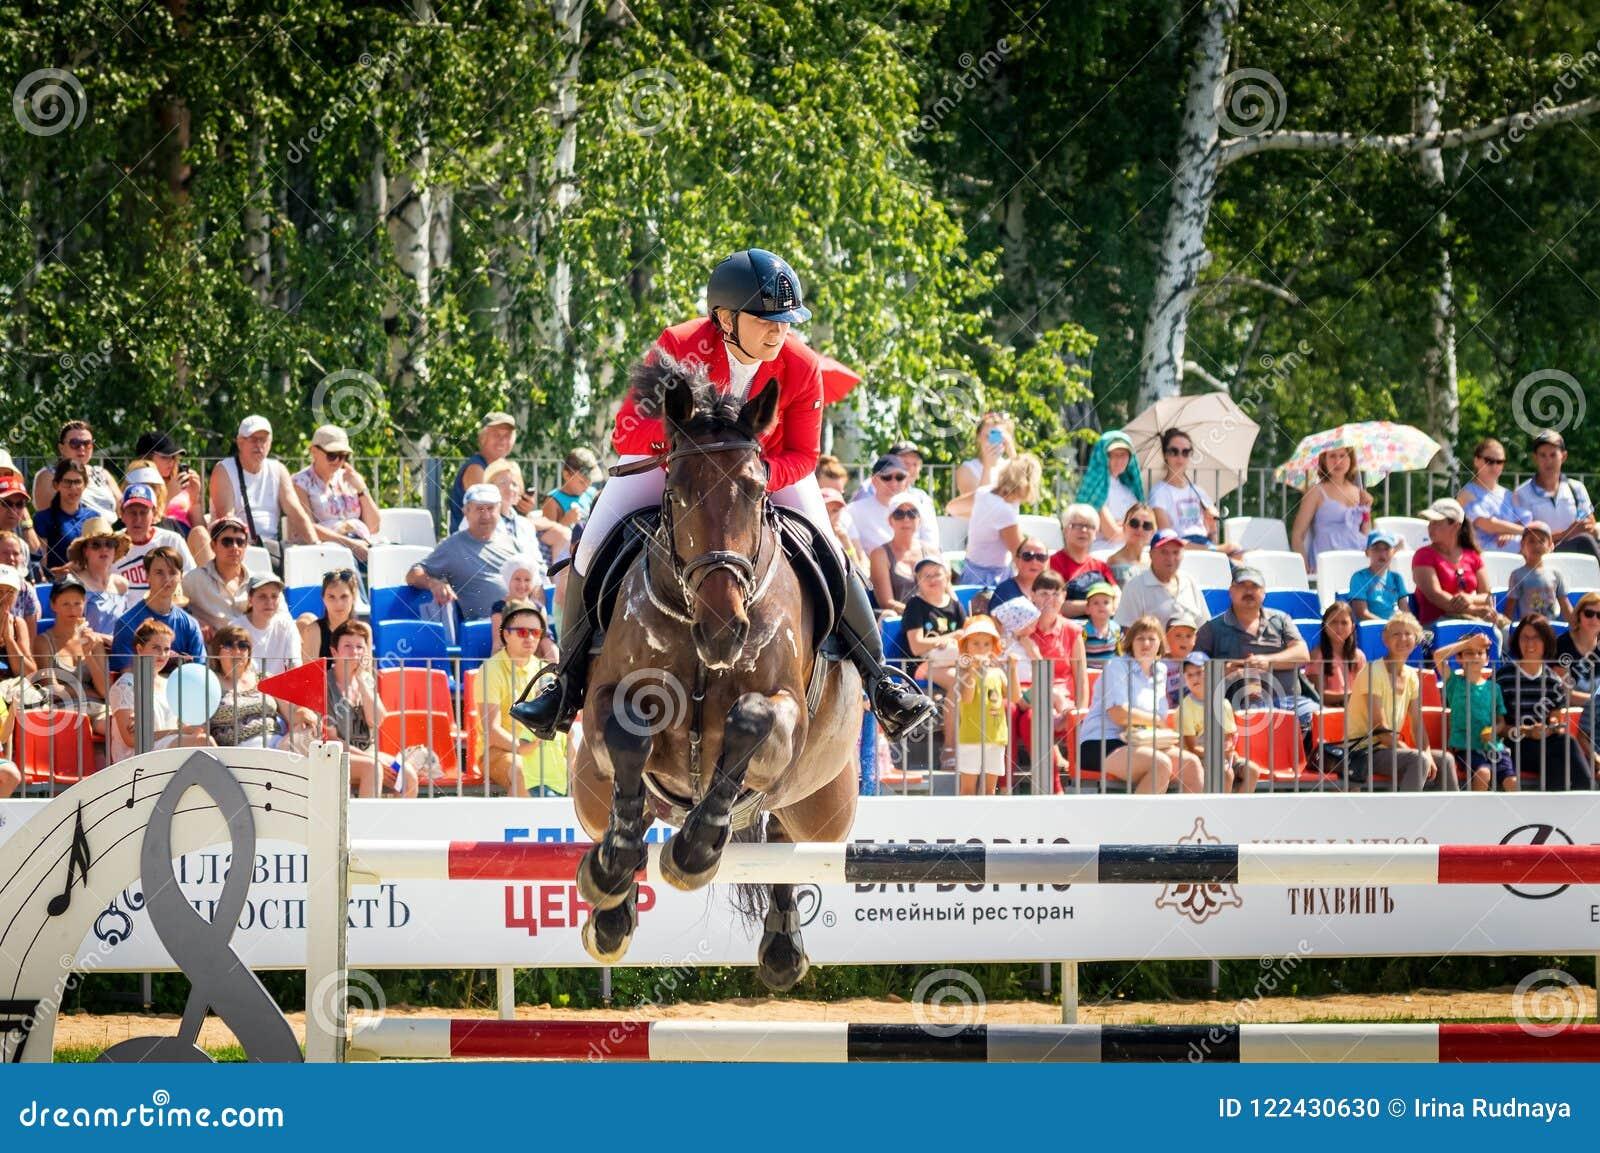 Concorsi di salto del cavallo internazionale, Russia, Ekaterinburg, 28 07 2018